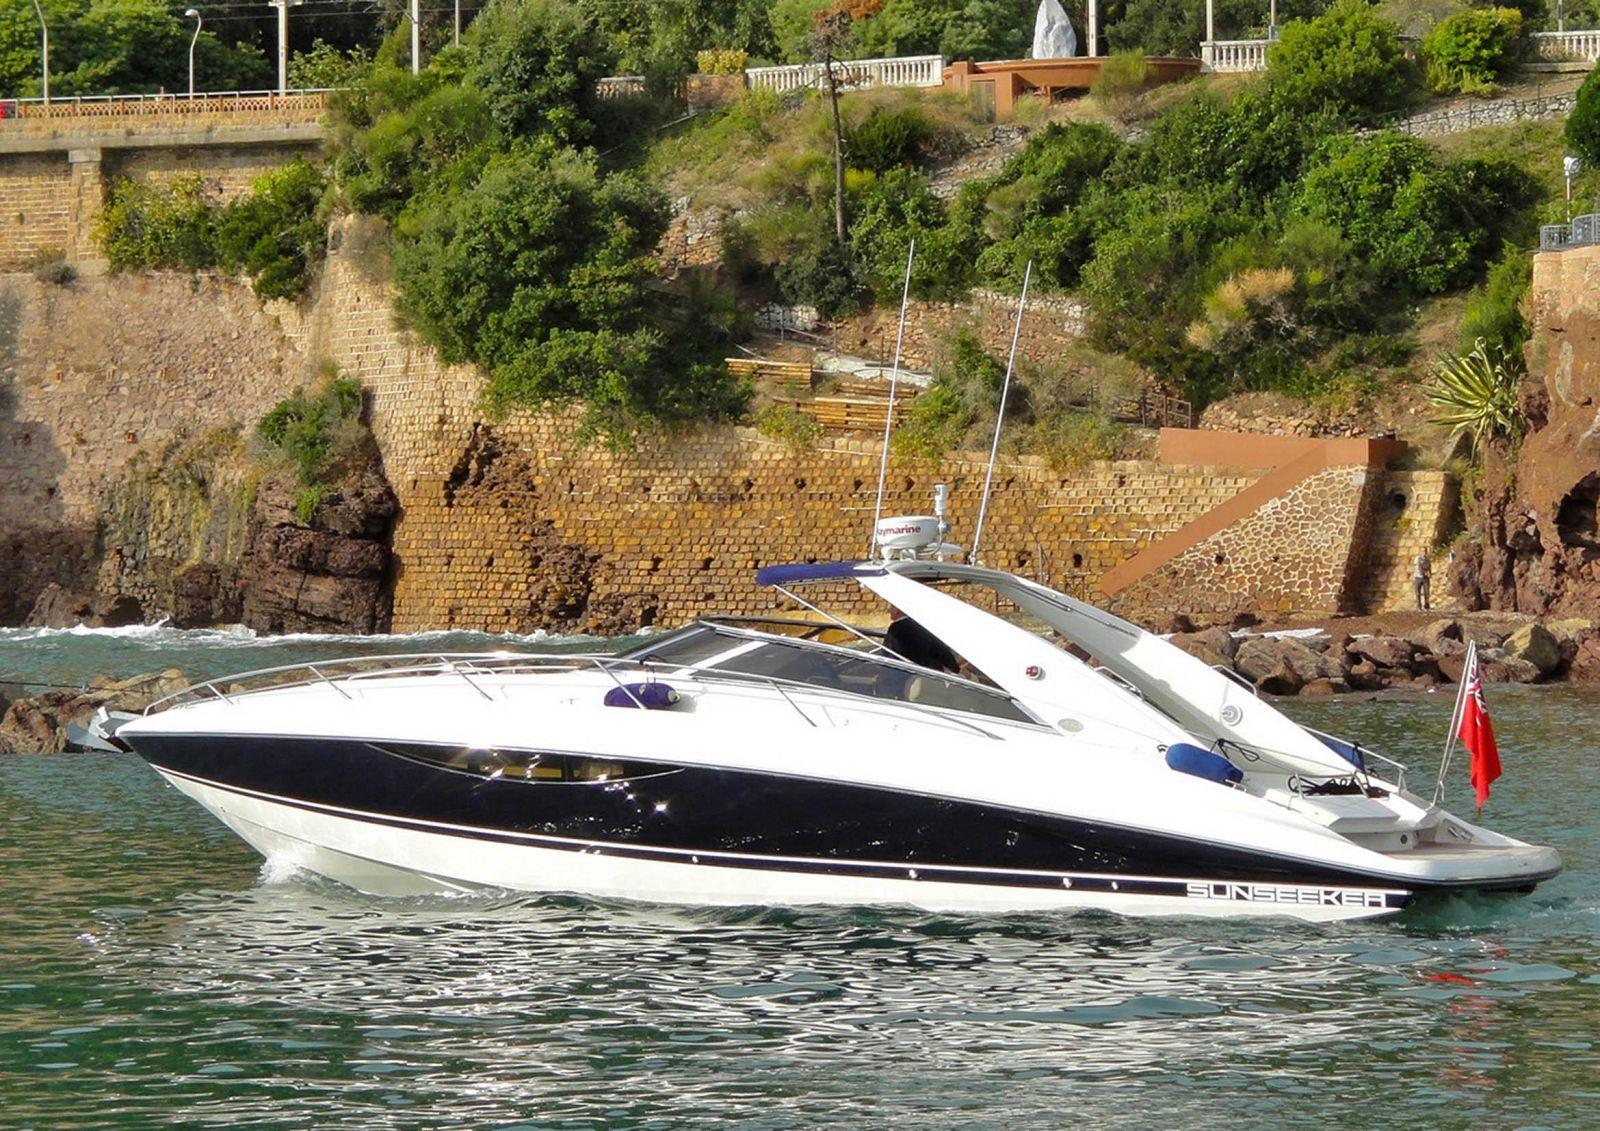 used Sunseeker 43 Super Hawk yacht for sale